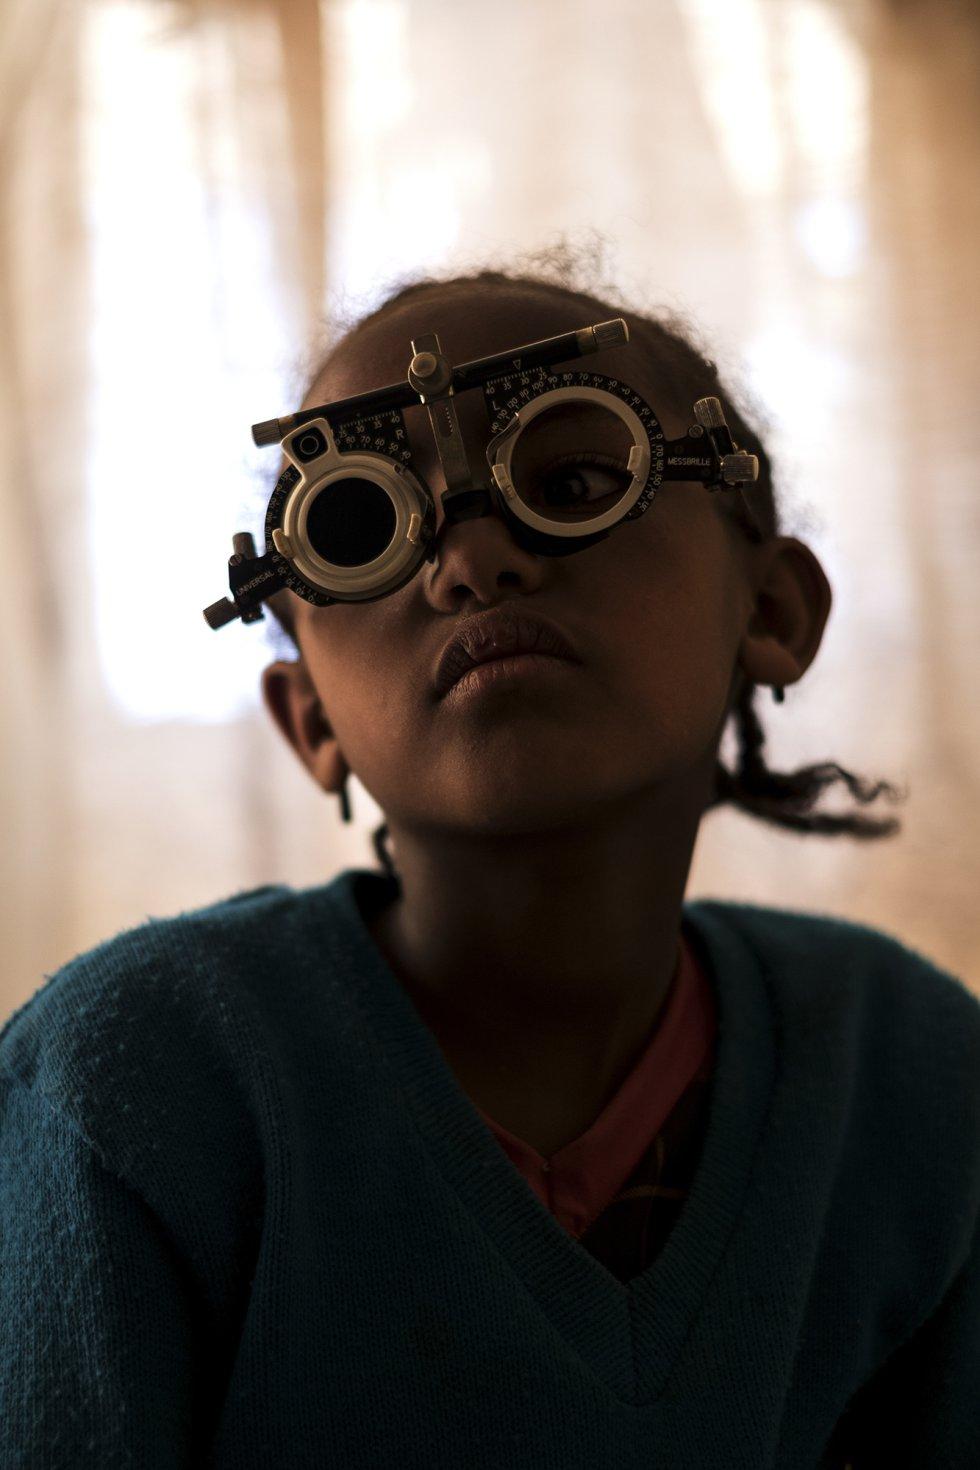 La mitad de las afecciones oftalmogógicas que sufre la población en Etiopía, como la discapacidad visual parcial, así como las carataratas y el glaucoma, son evitables. En la imagen, una estudiante durante un examen oftalmológico en el colegio St. Clare de Wasserà.